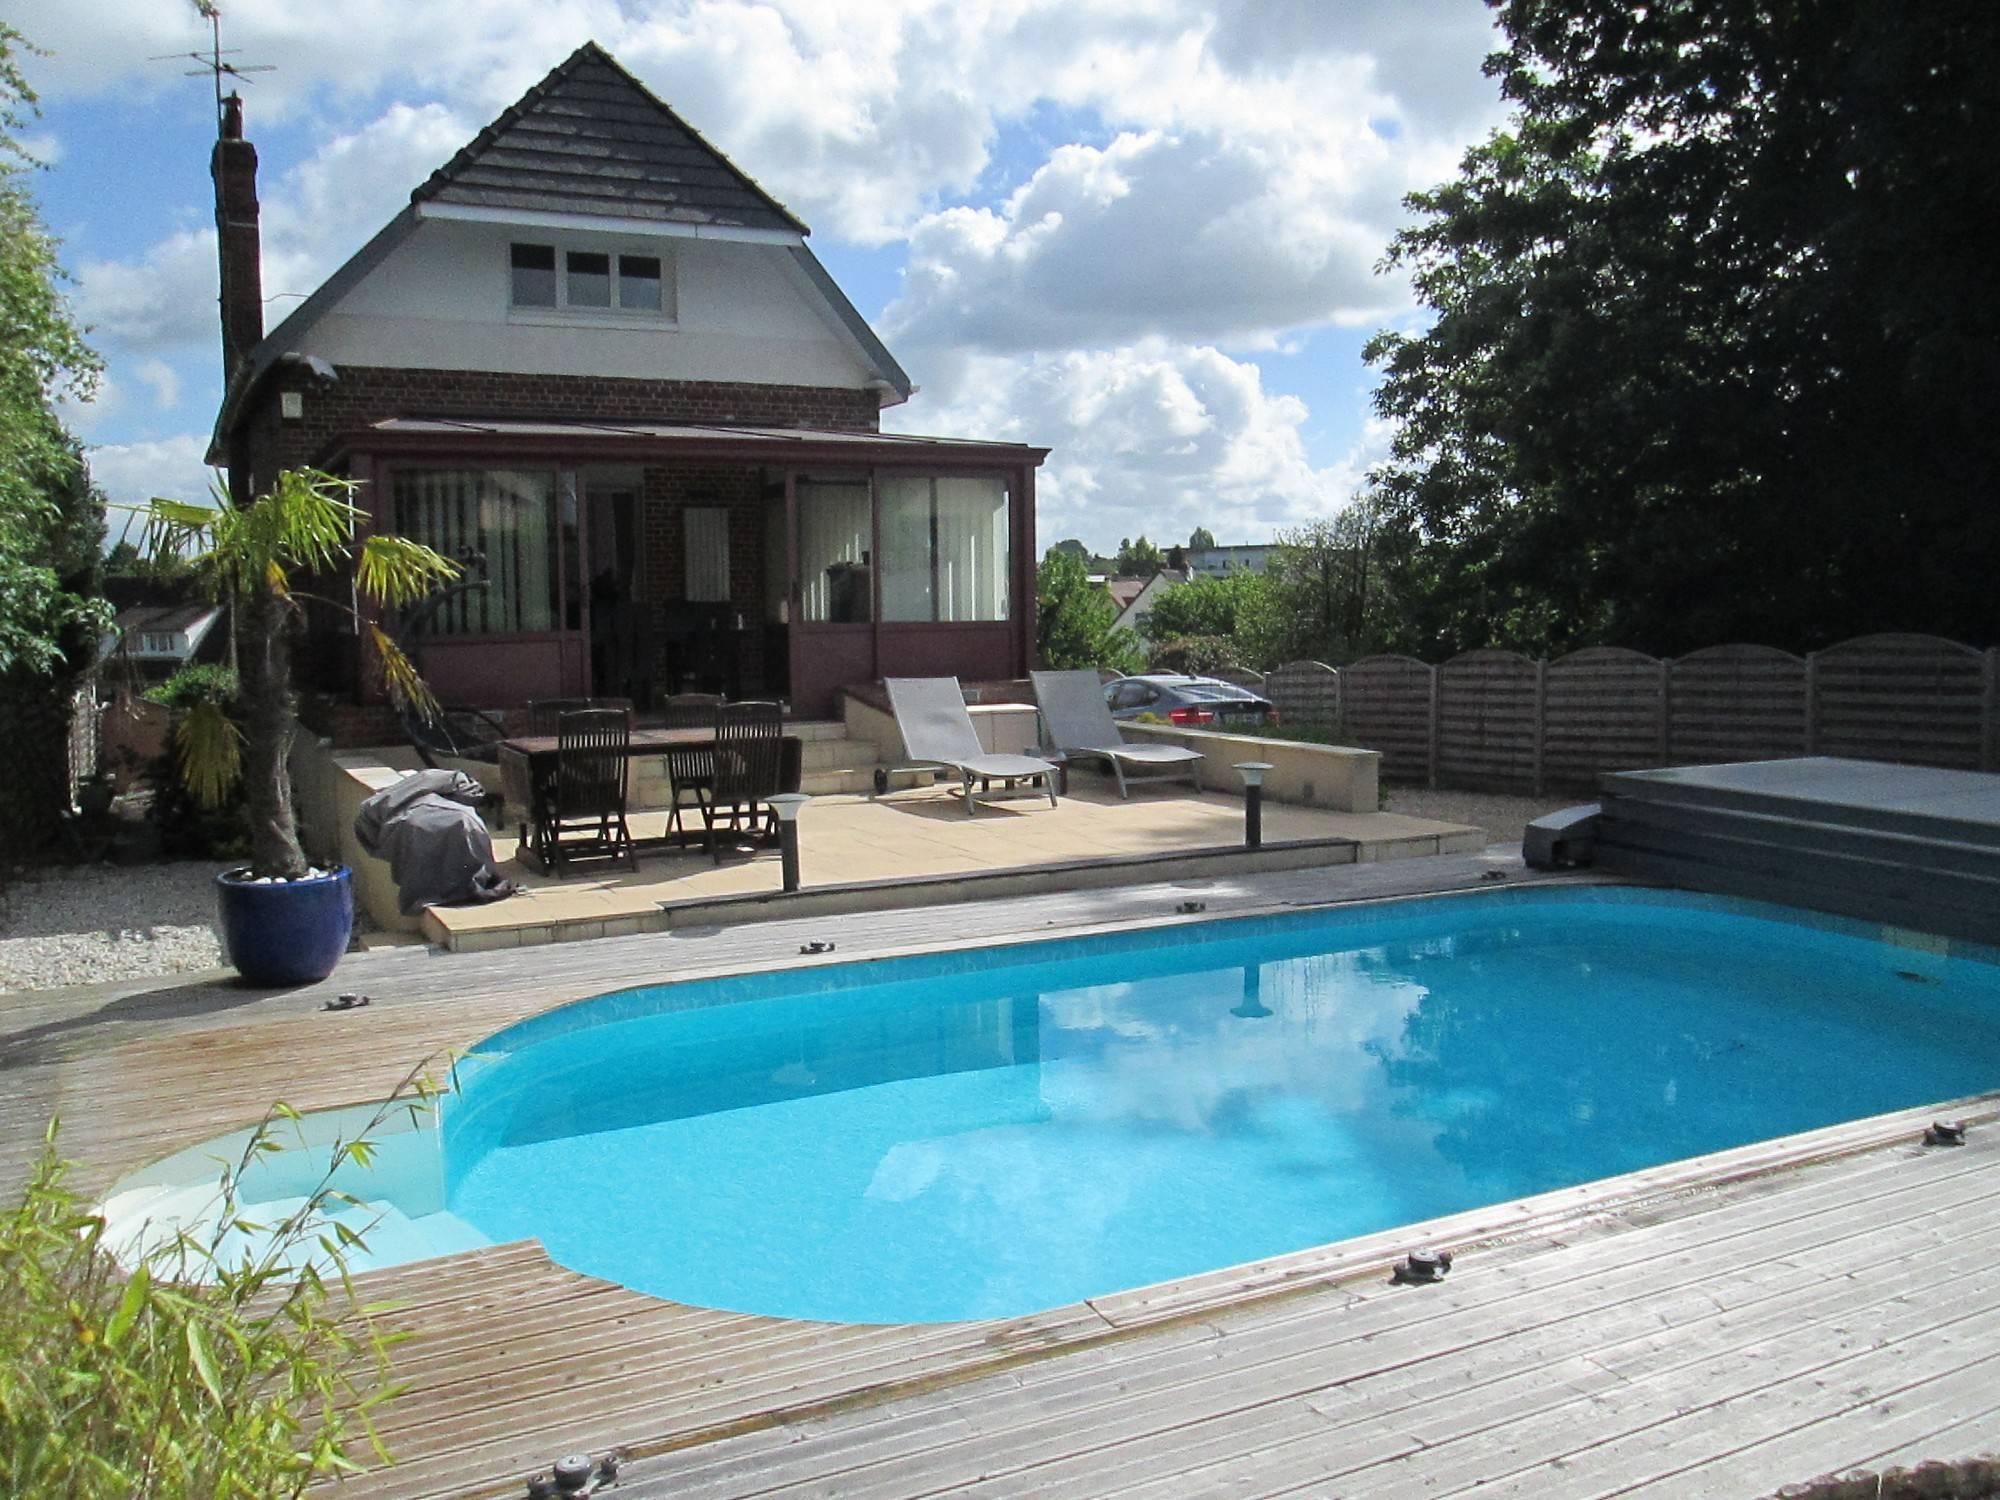 Acheter Une Maison Avec Terrasse Et Piscine Montmain - Vip ... concernant Maison Avec Piscine A Vendre